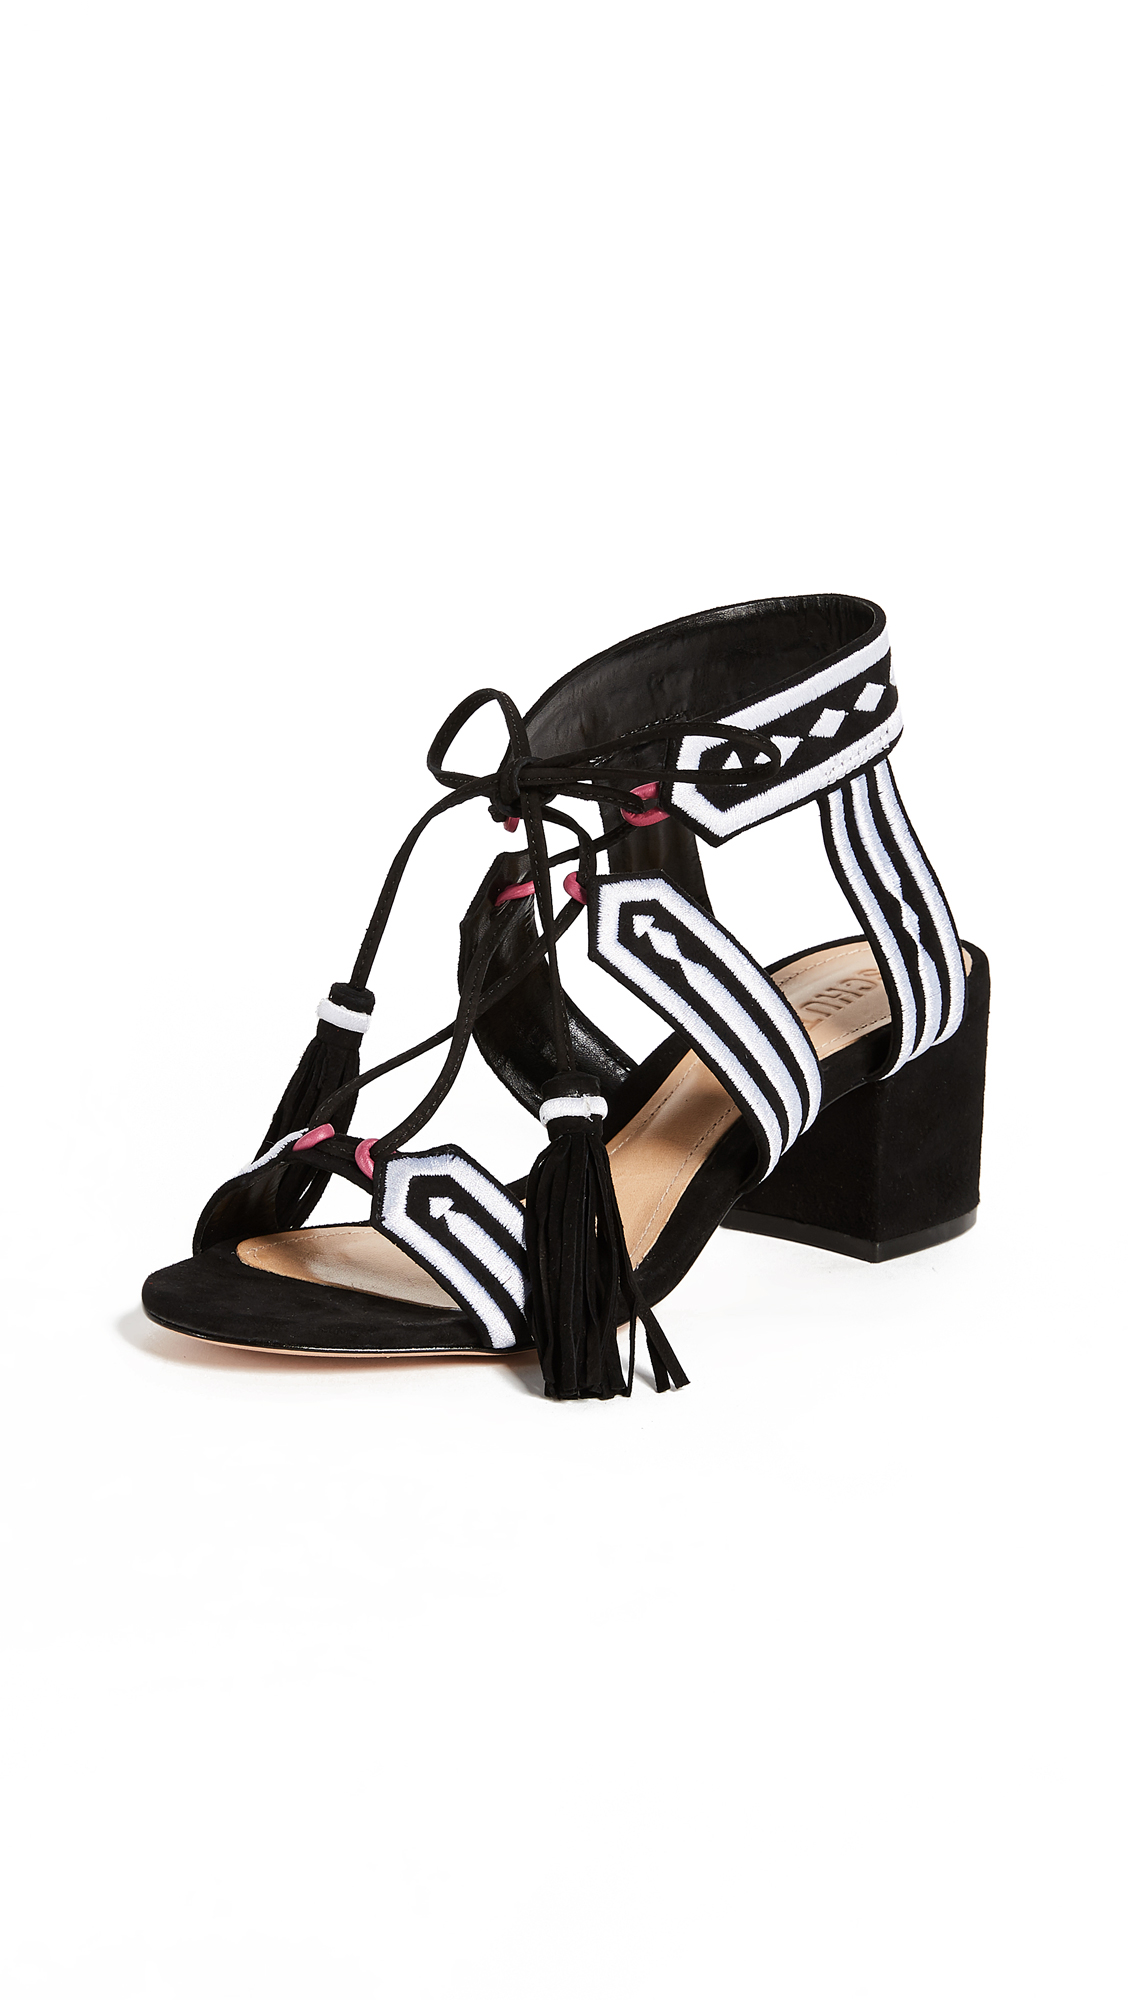 Schutz Liessel Block Heel Sandals - Black/White